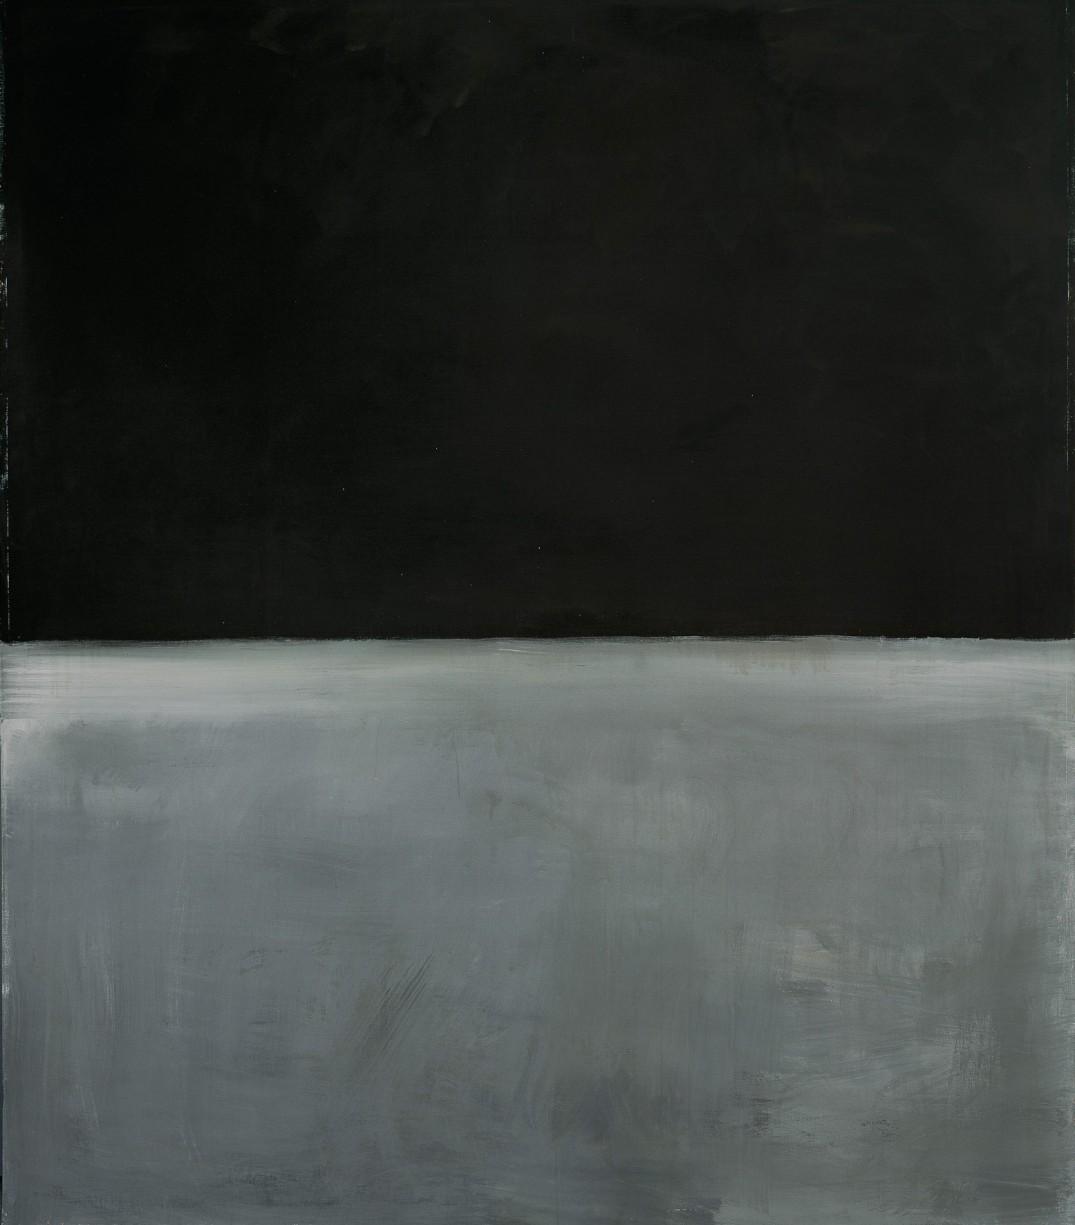 Uten tittel, 1969. Mark Rothko.